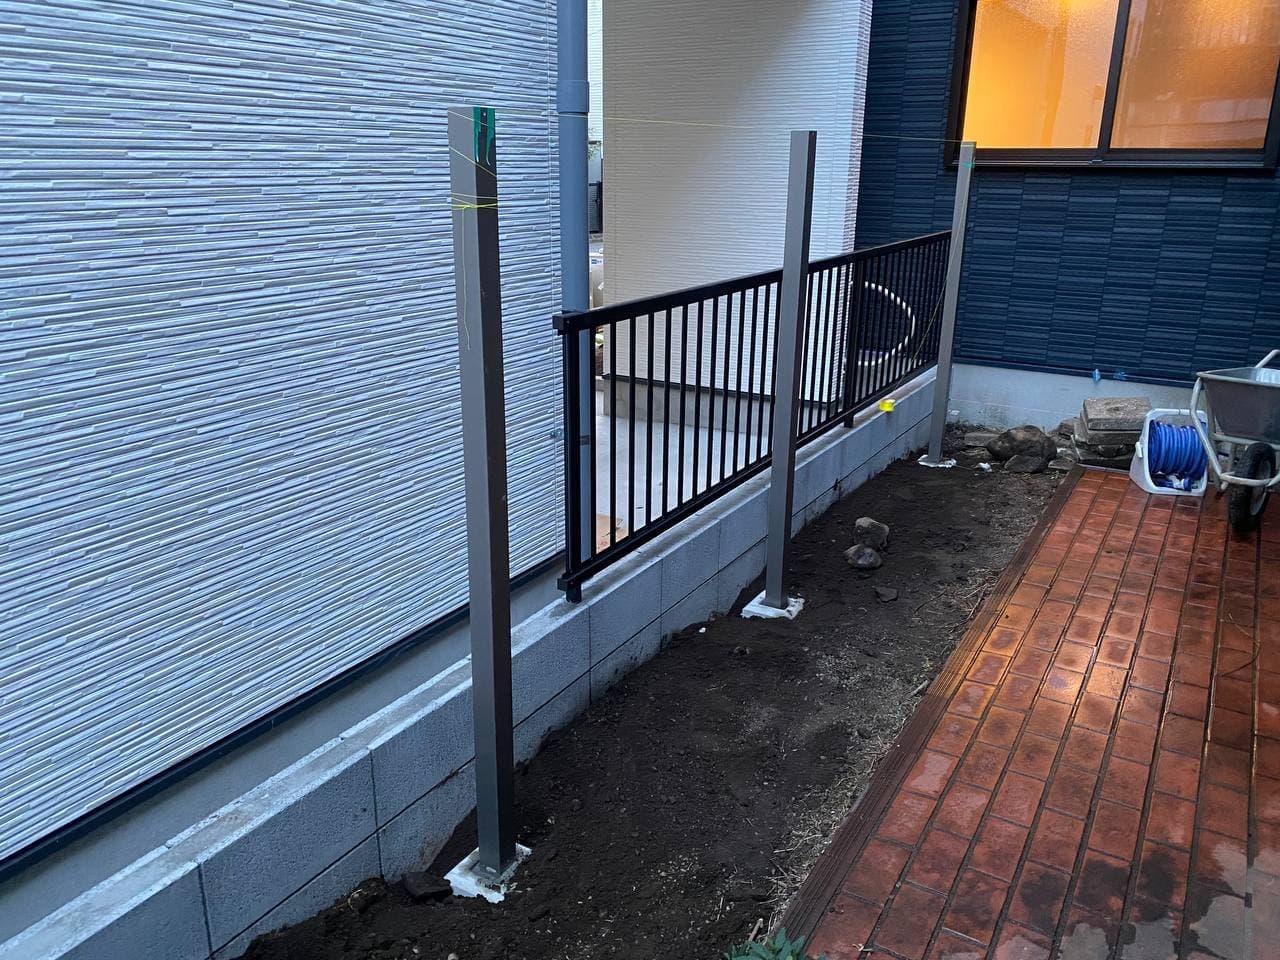 東京都新宿区にて境界フェンス解体新設工事